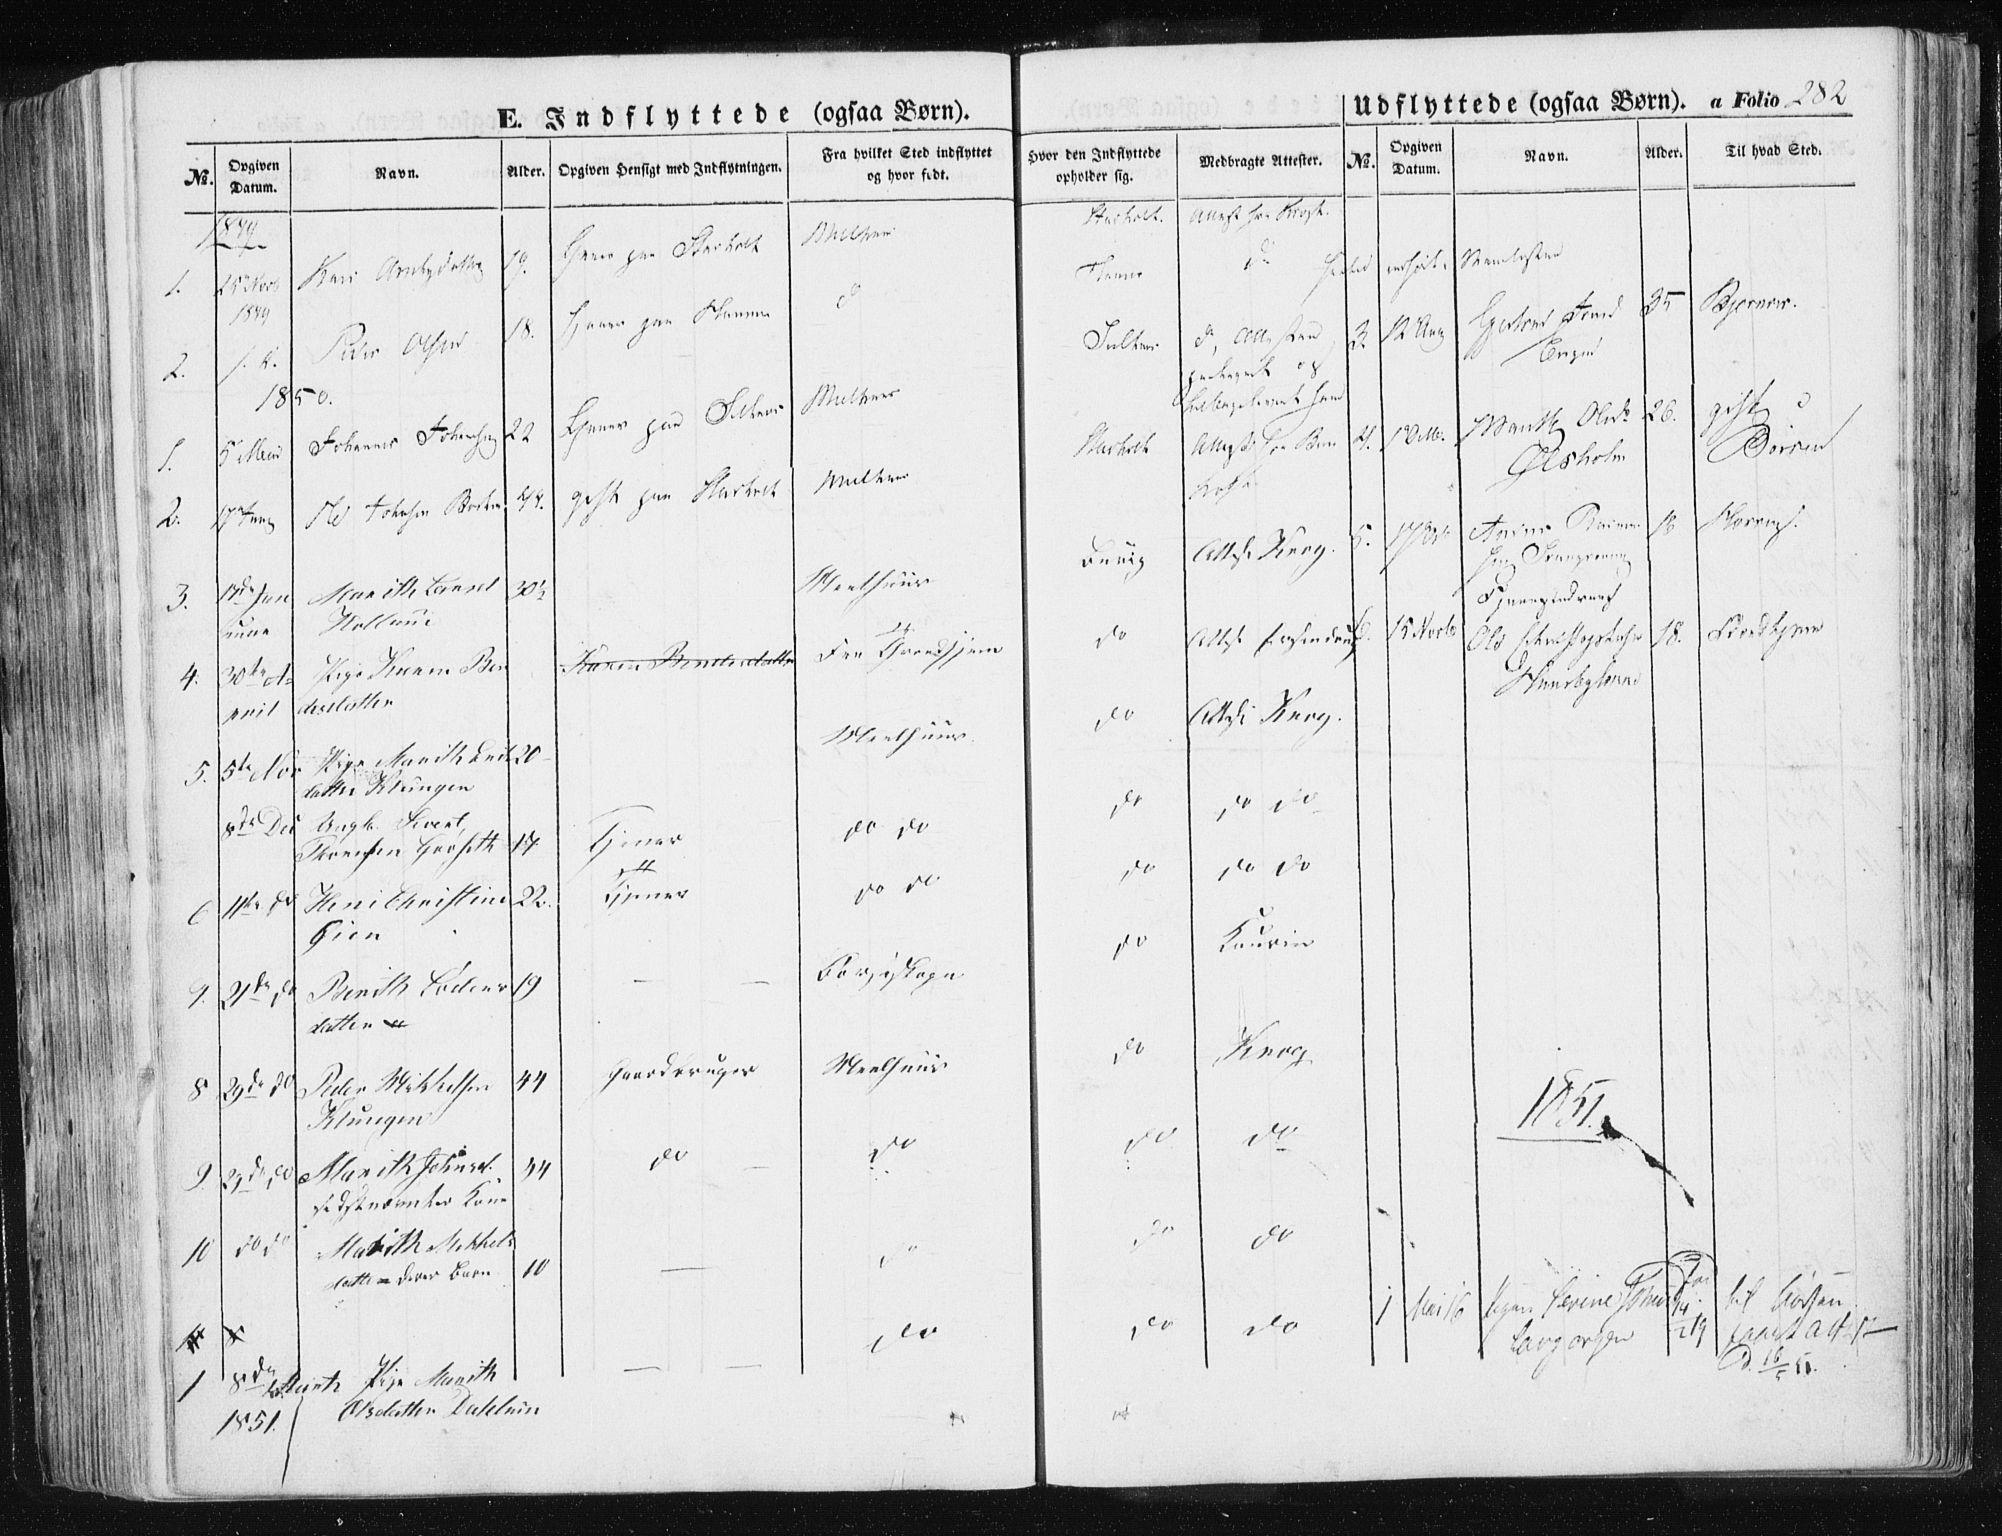 SAT, Ministerialprotokoller, klokkerbøker og fødselsregistre - Sør-Trøndelag, 612/L0376: Ministerialbok nr. 612A08, 1846-1859, s. 282